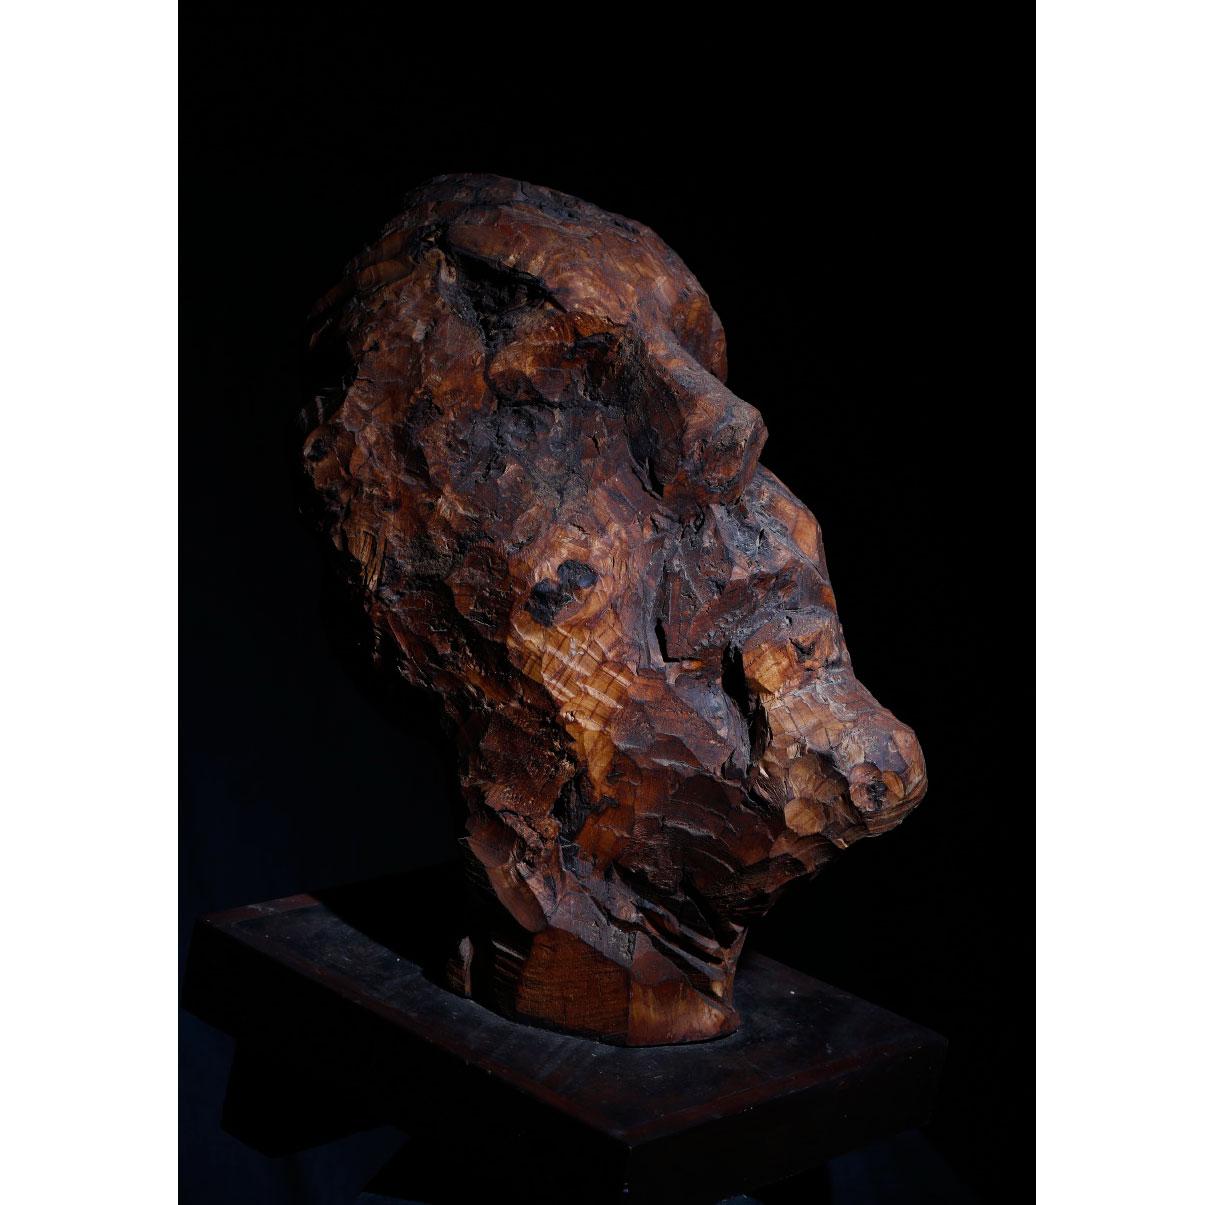 Thème visage, sculpture bois. Photo © P. Cibille